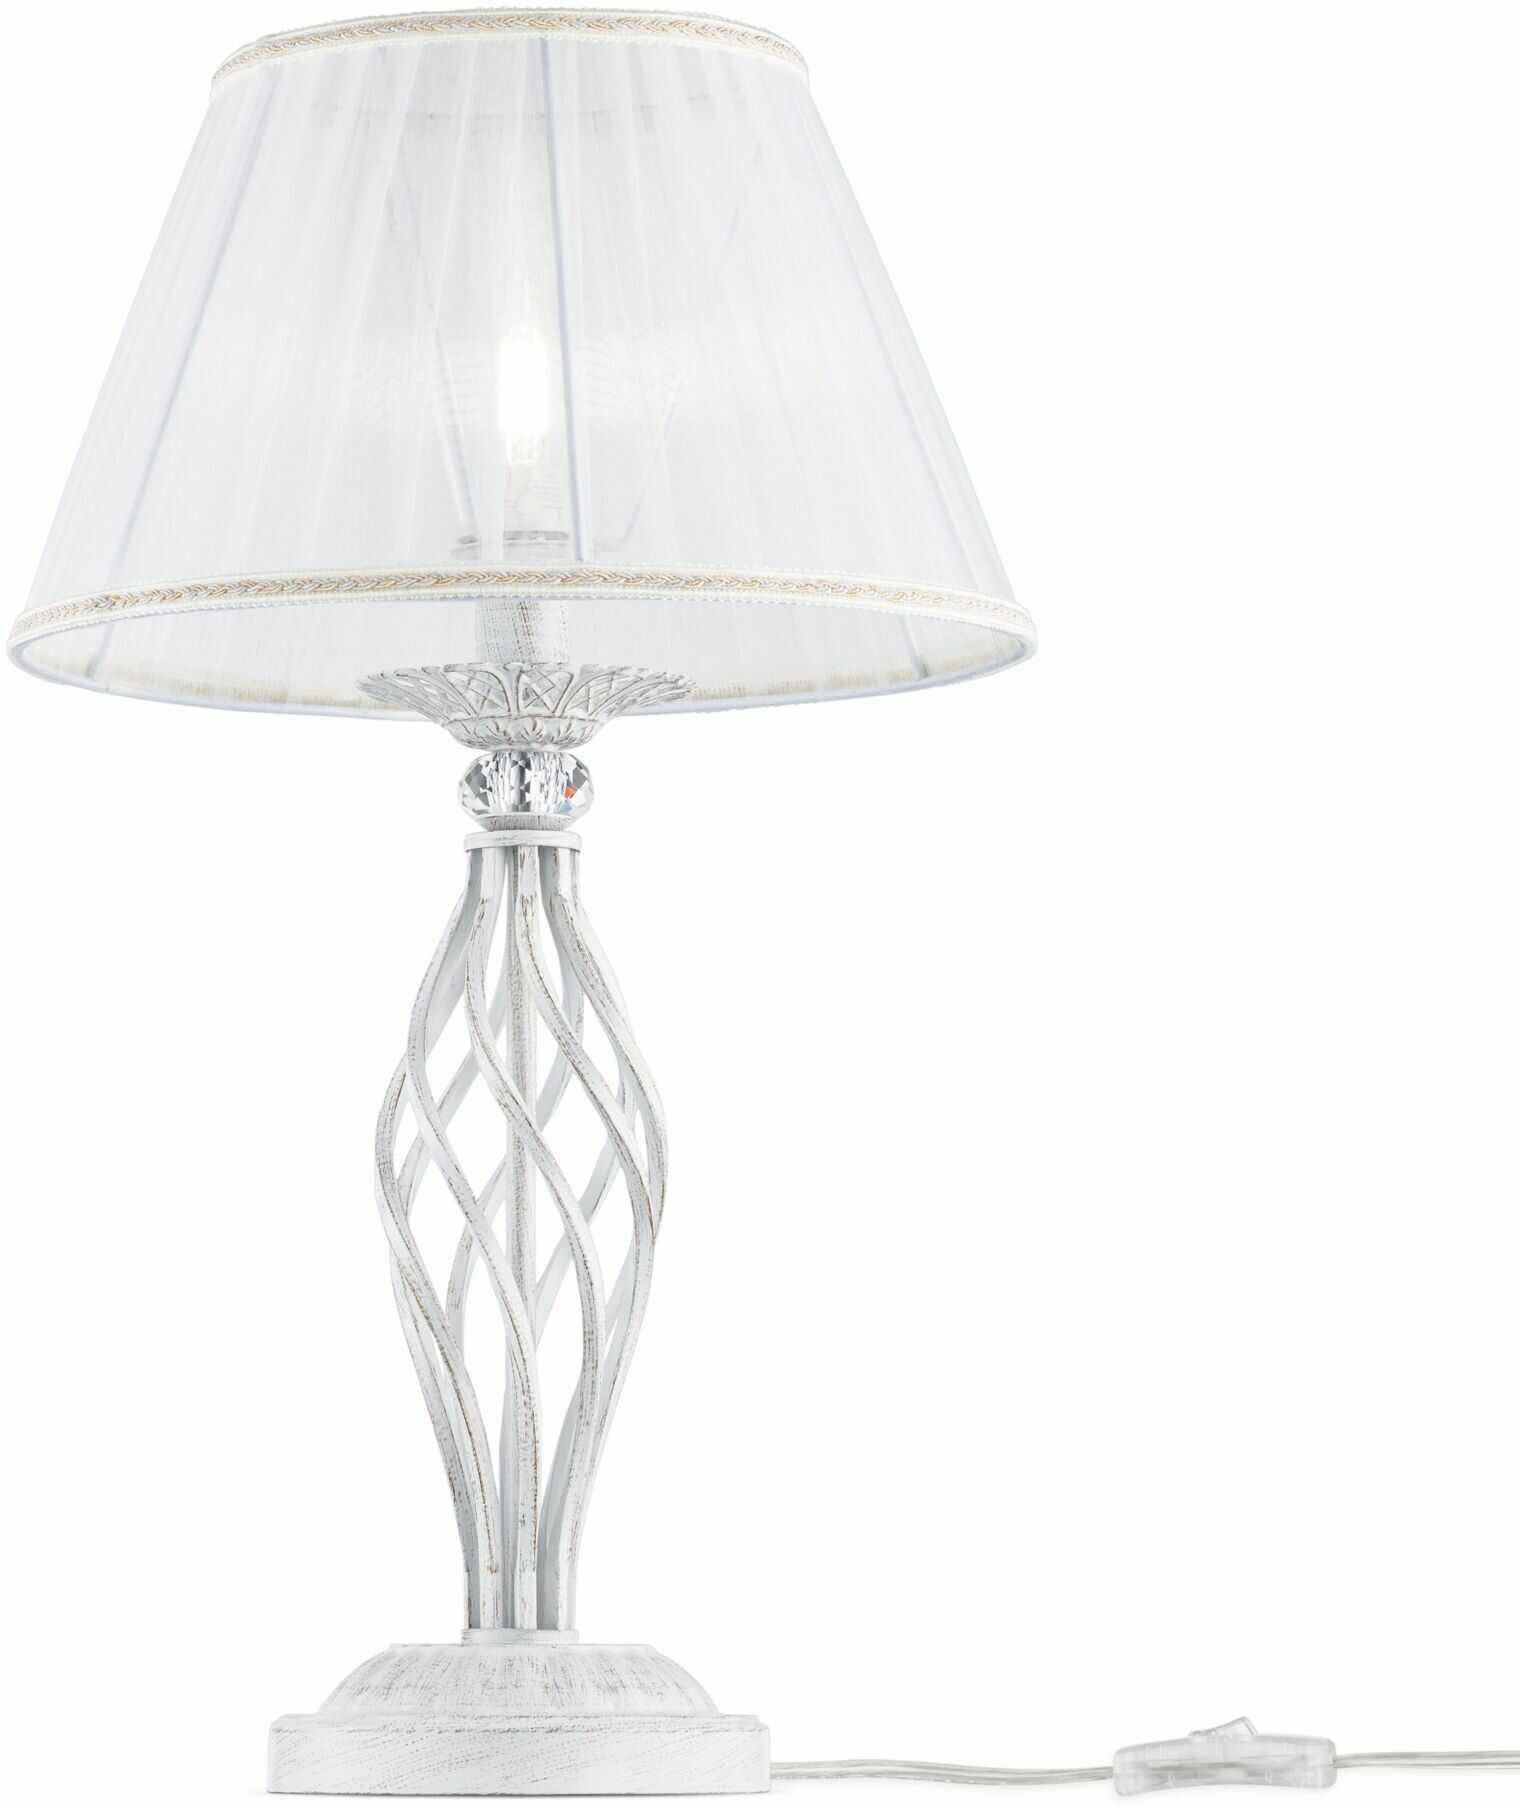 Maytoni Grace ARM247-00-G lampa stołowa metal biała ze złotym plisowany abażur biały z tkaniny kryształki 1xE14 40W